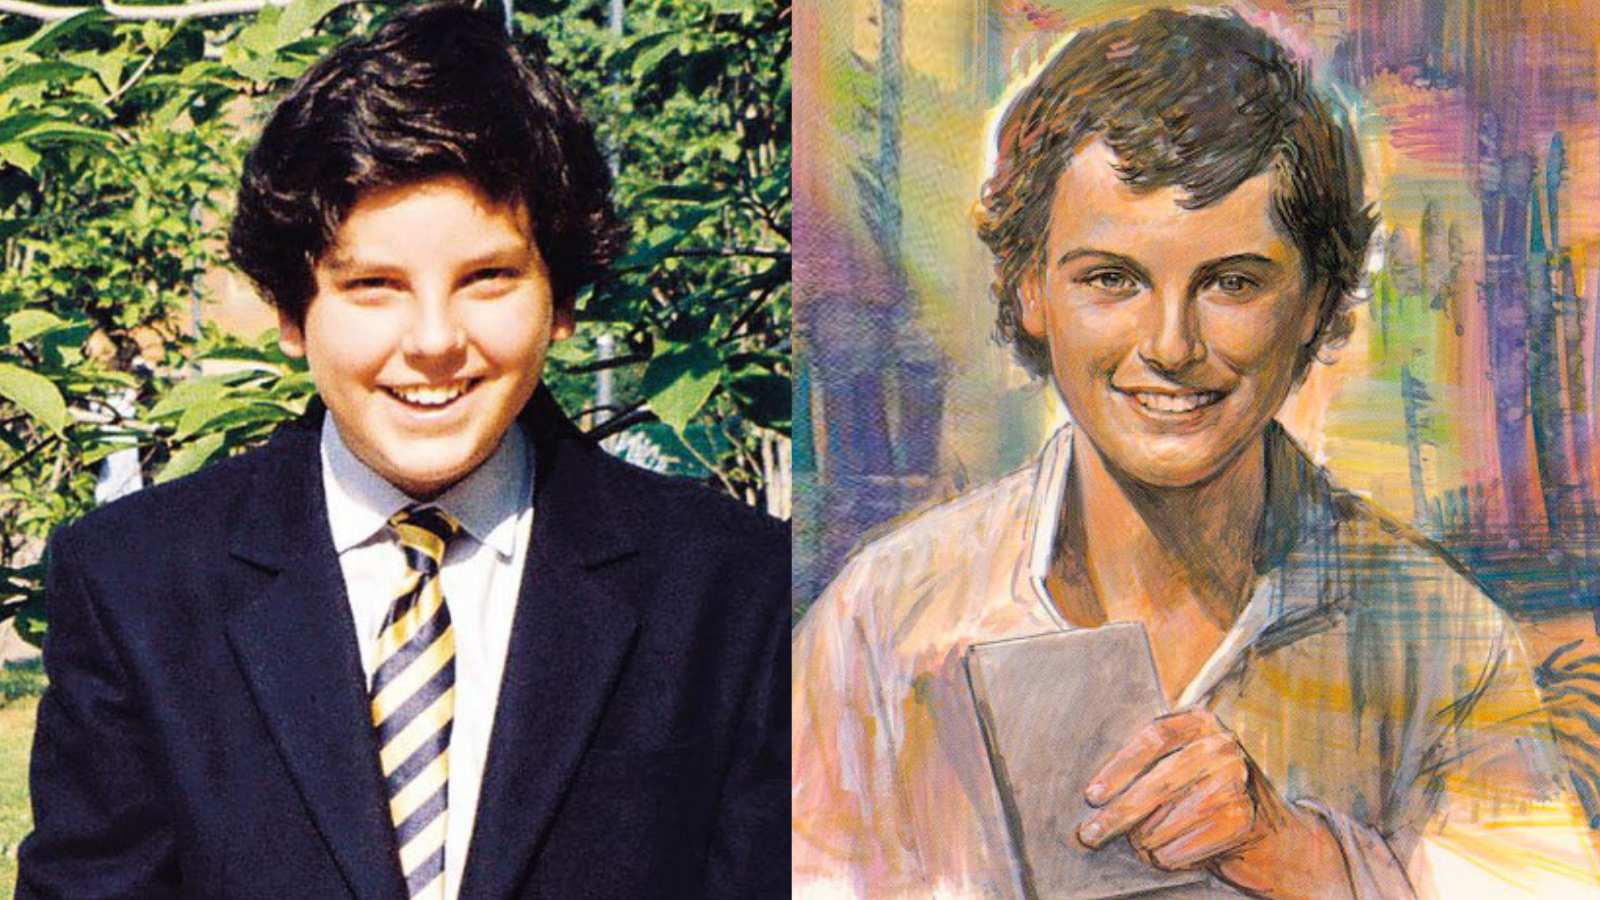 Carlo Acutis y Domingo Savio: la santidad juvenil no pasa de moda   Portal  de Noticias Salesianas